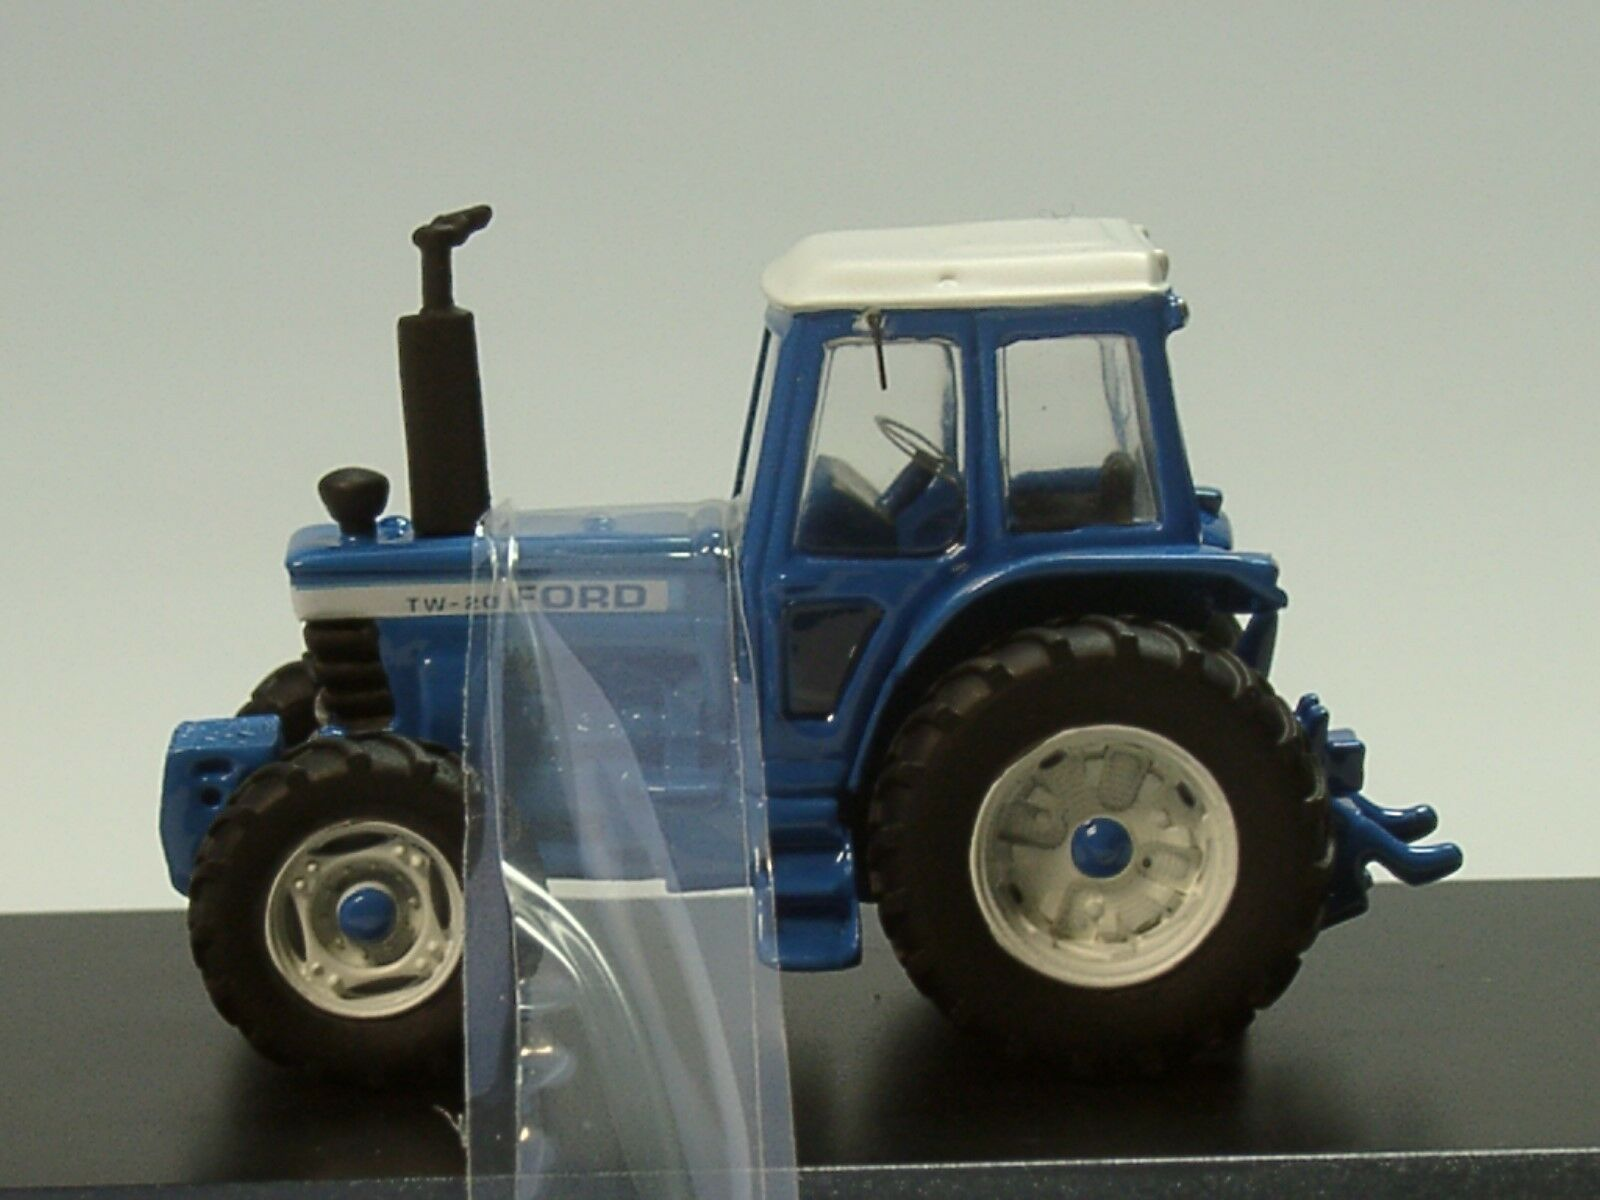 BOS Ford TW-20 Traktor, 1979, hellblue hellblue hellblue - 87445 - 1 87 d8044c